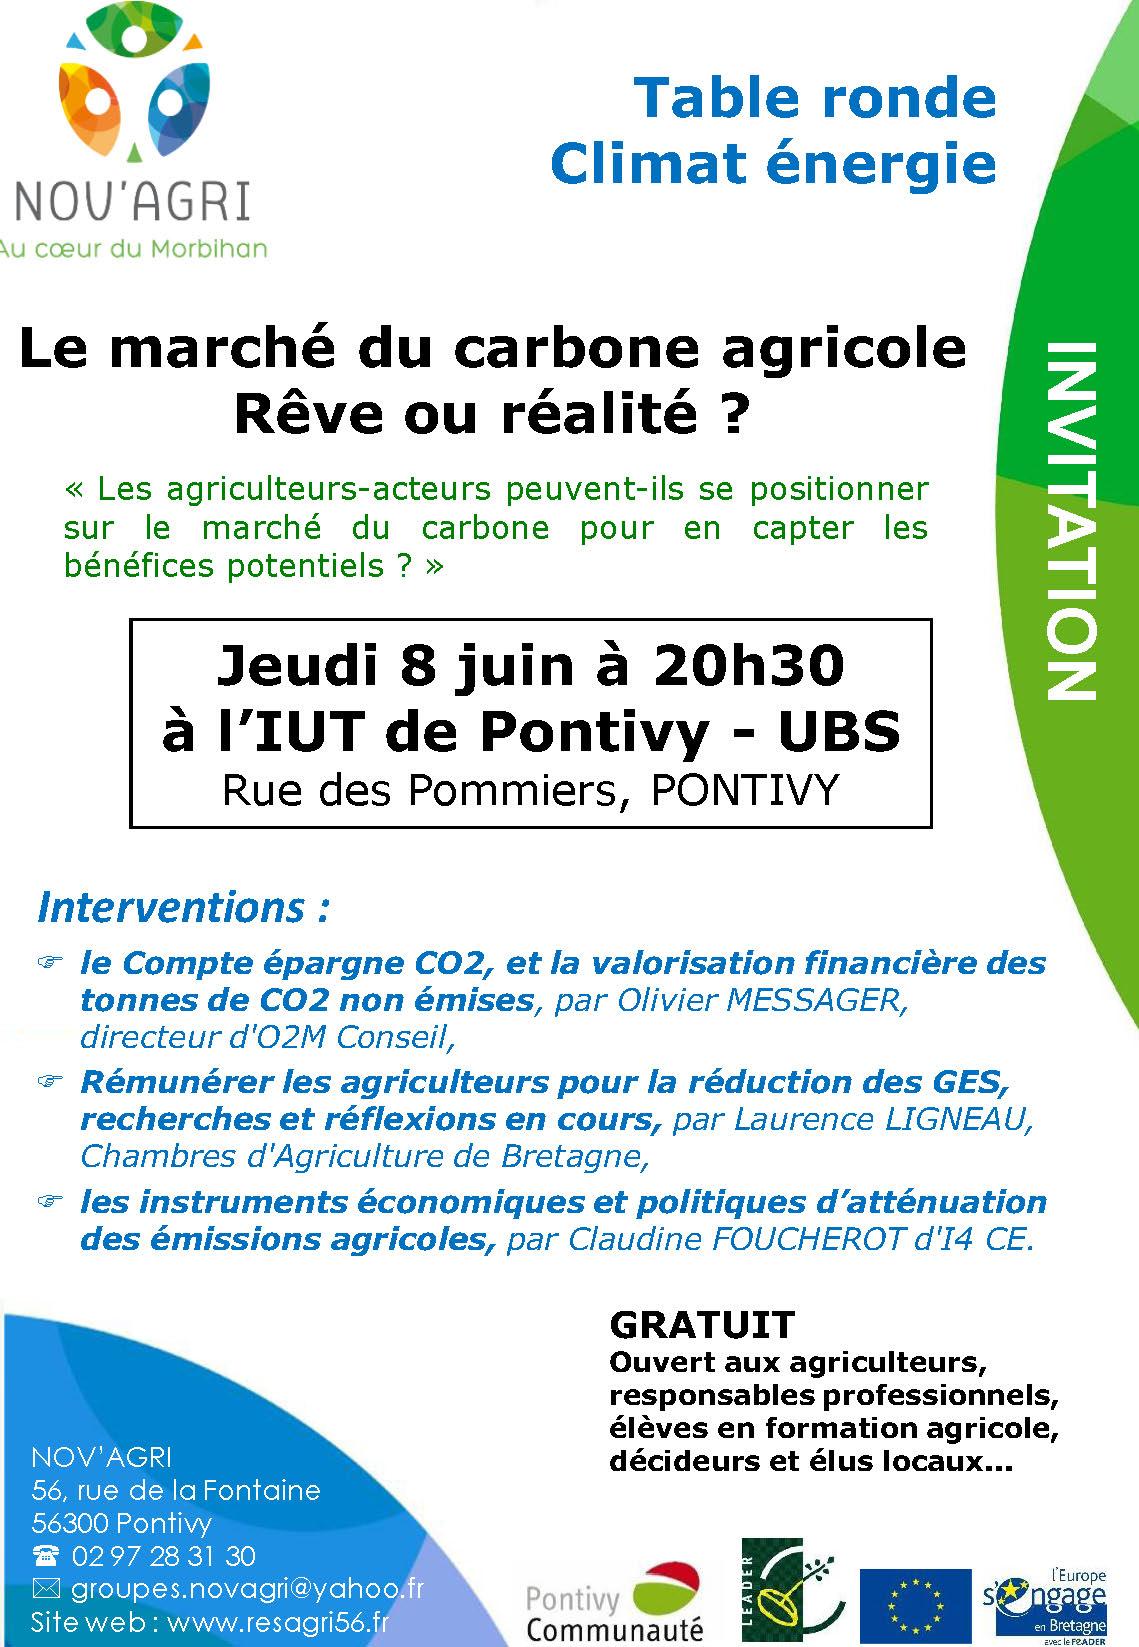 Table ronde Marché du carbone agricole